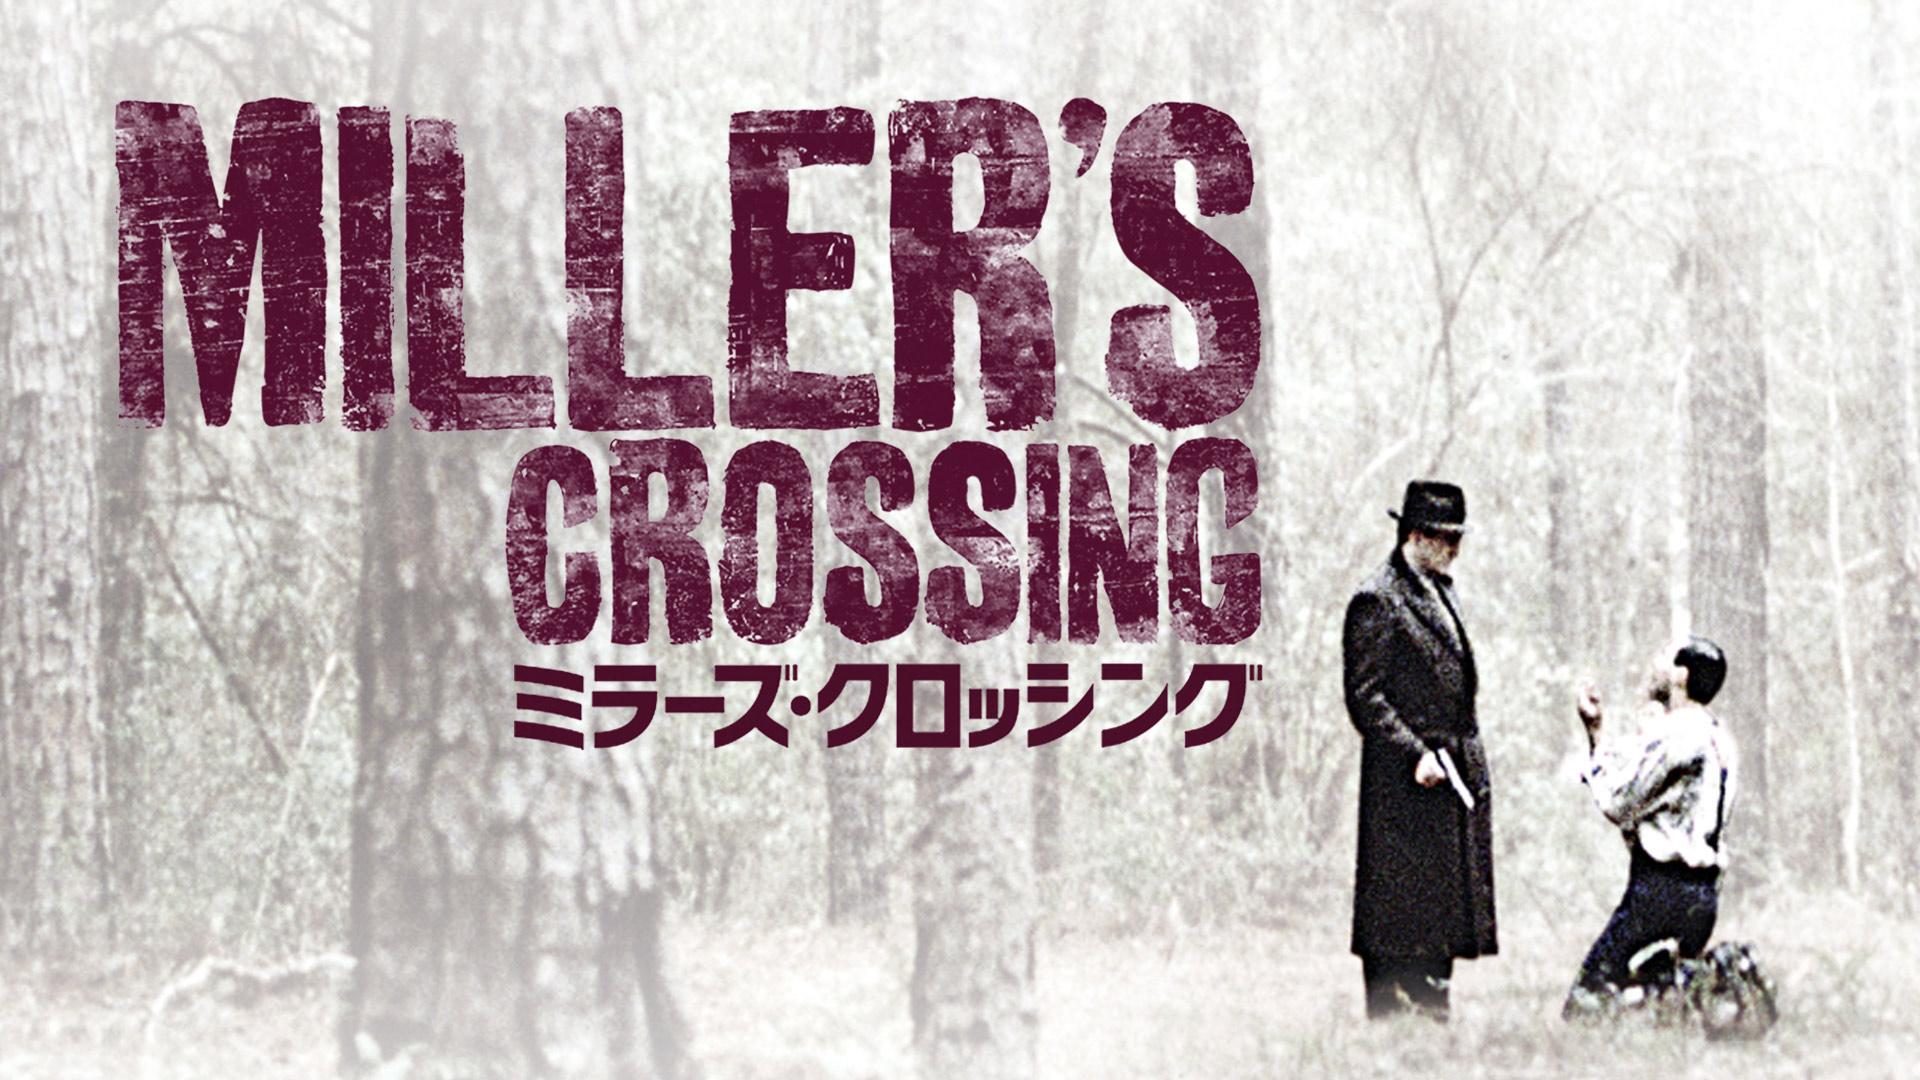 ミラーズ・クロッシング (字幕版)